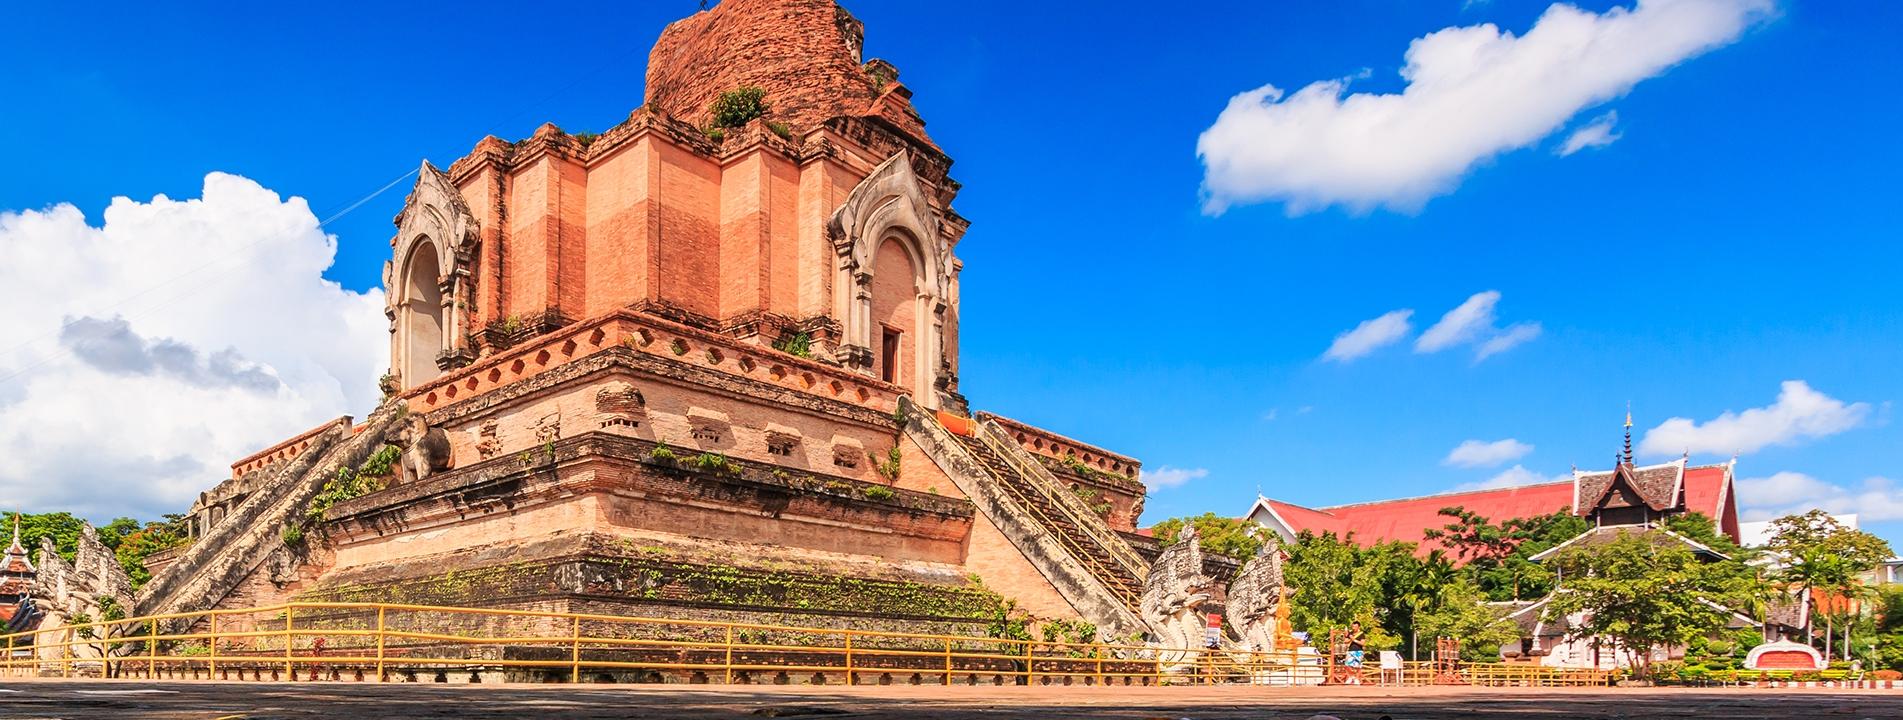 The Wat Chedi Luong in Chiang Mai